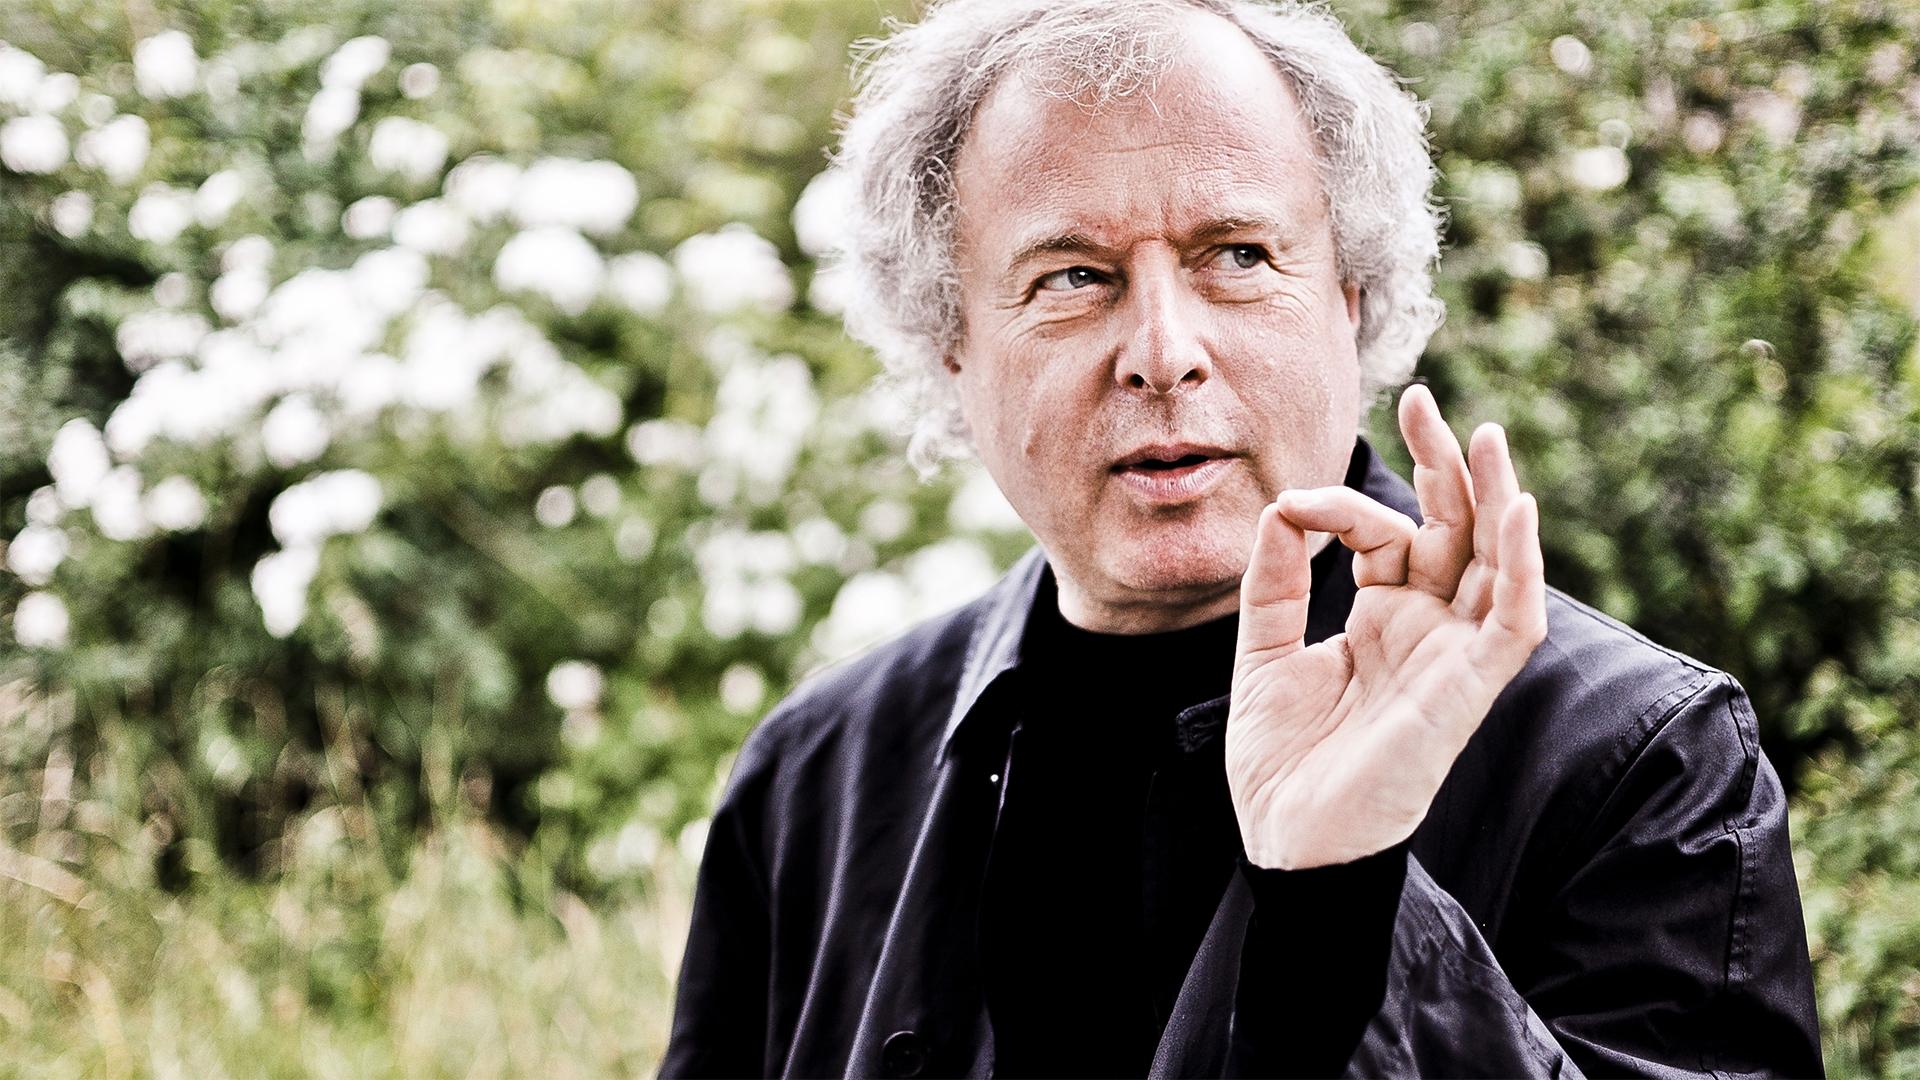 P2 Koncerten: Torsdagskoncert med Schiff og Kejserkoncerten